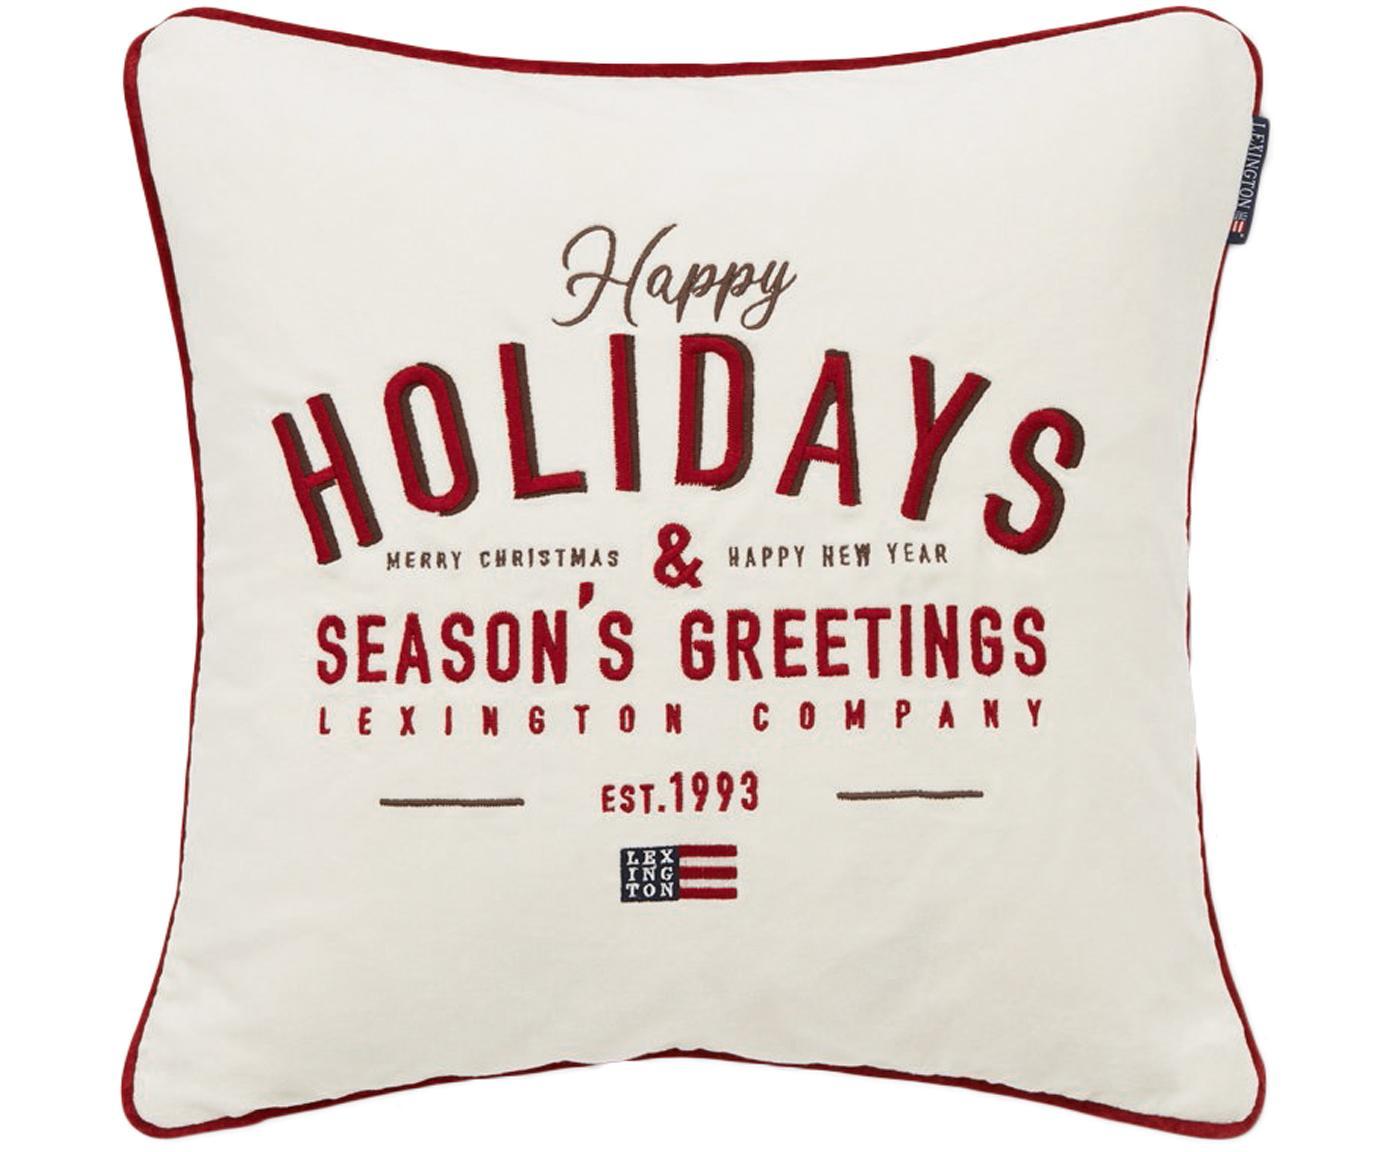 Geborduurde fluwelen kussenhoes Happy Holidays, Katoenfluweel, Wit, rood, 50 x 50 cm